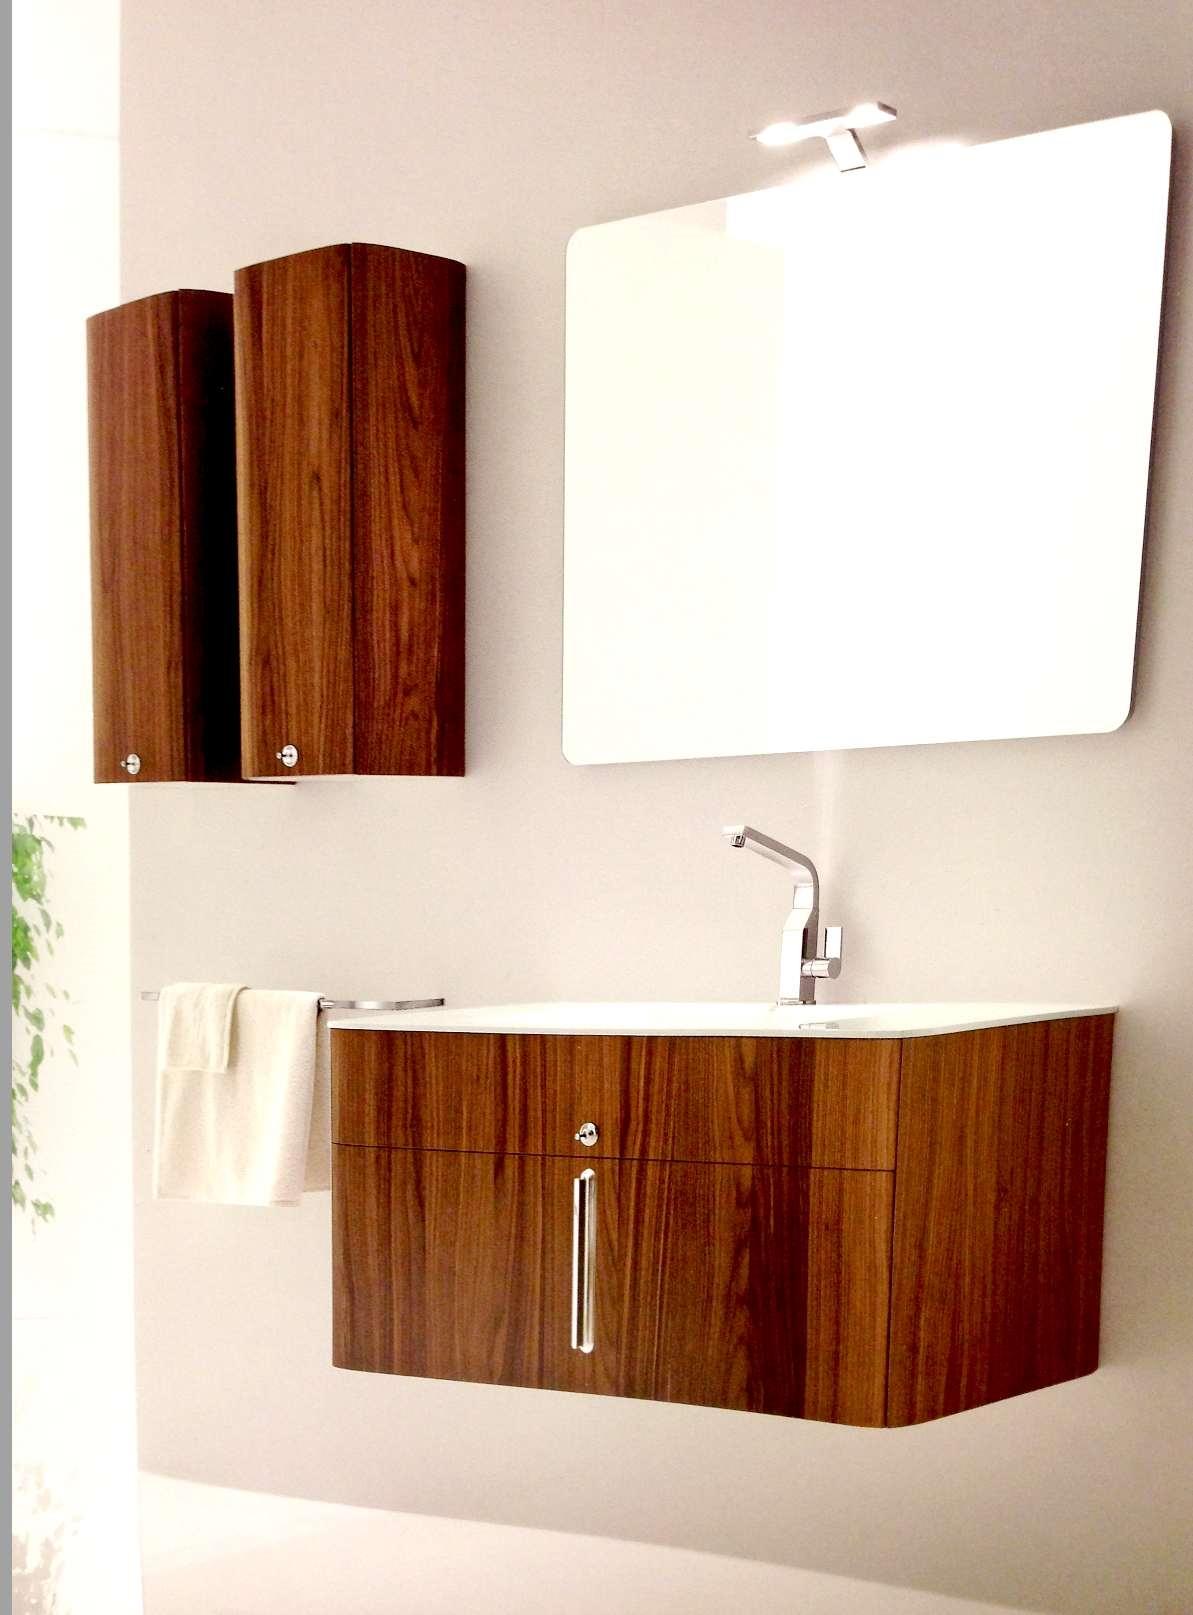 Affordable mobili per bagno artigianali mobile bagno on - Arredo bagno classico moderno ...